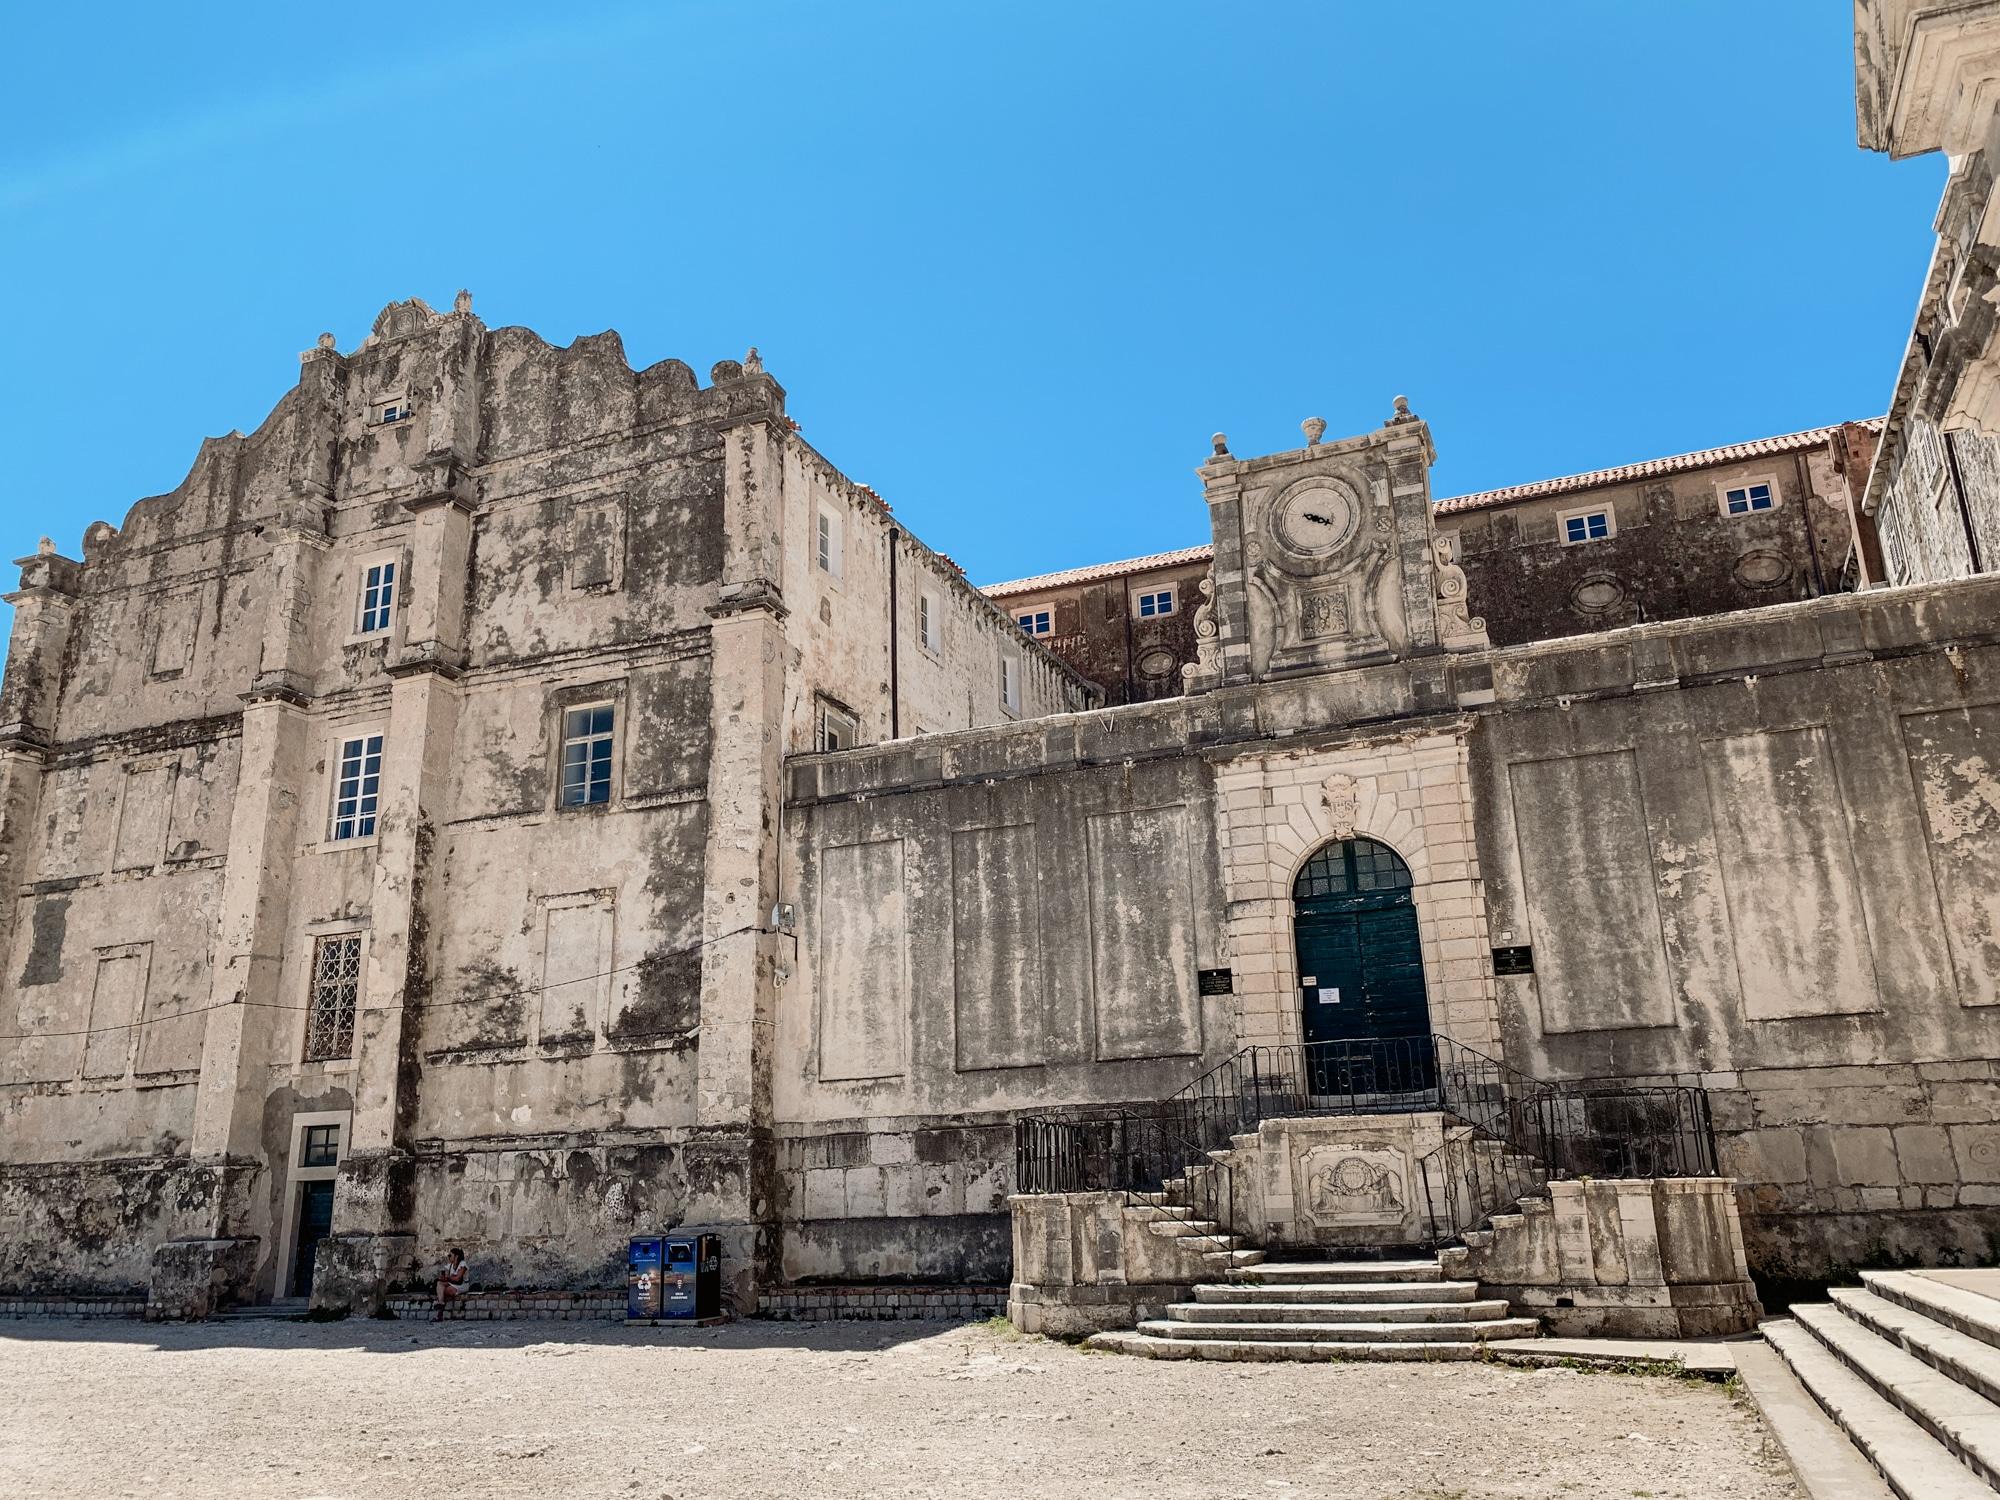 Dubrovnik Sehenswürdigkeiten Top 10: Meine Highlights und Tipps - St Ignacija Kirche